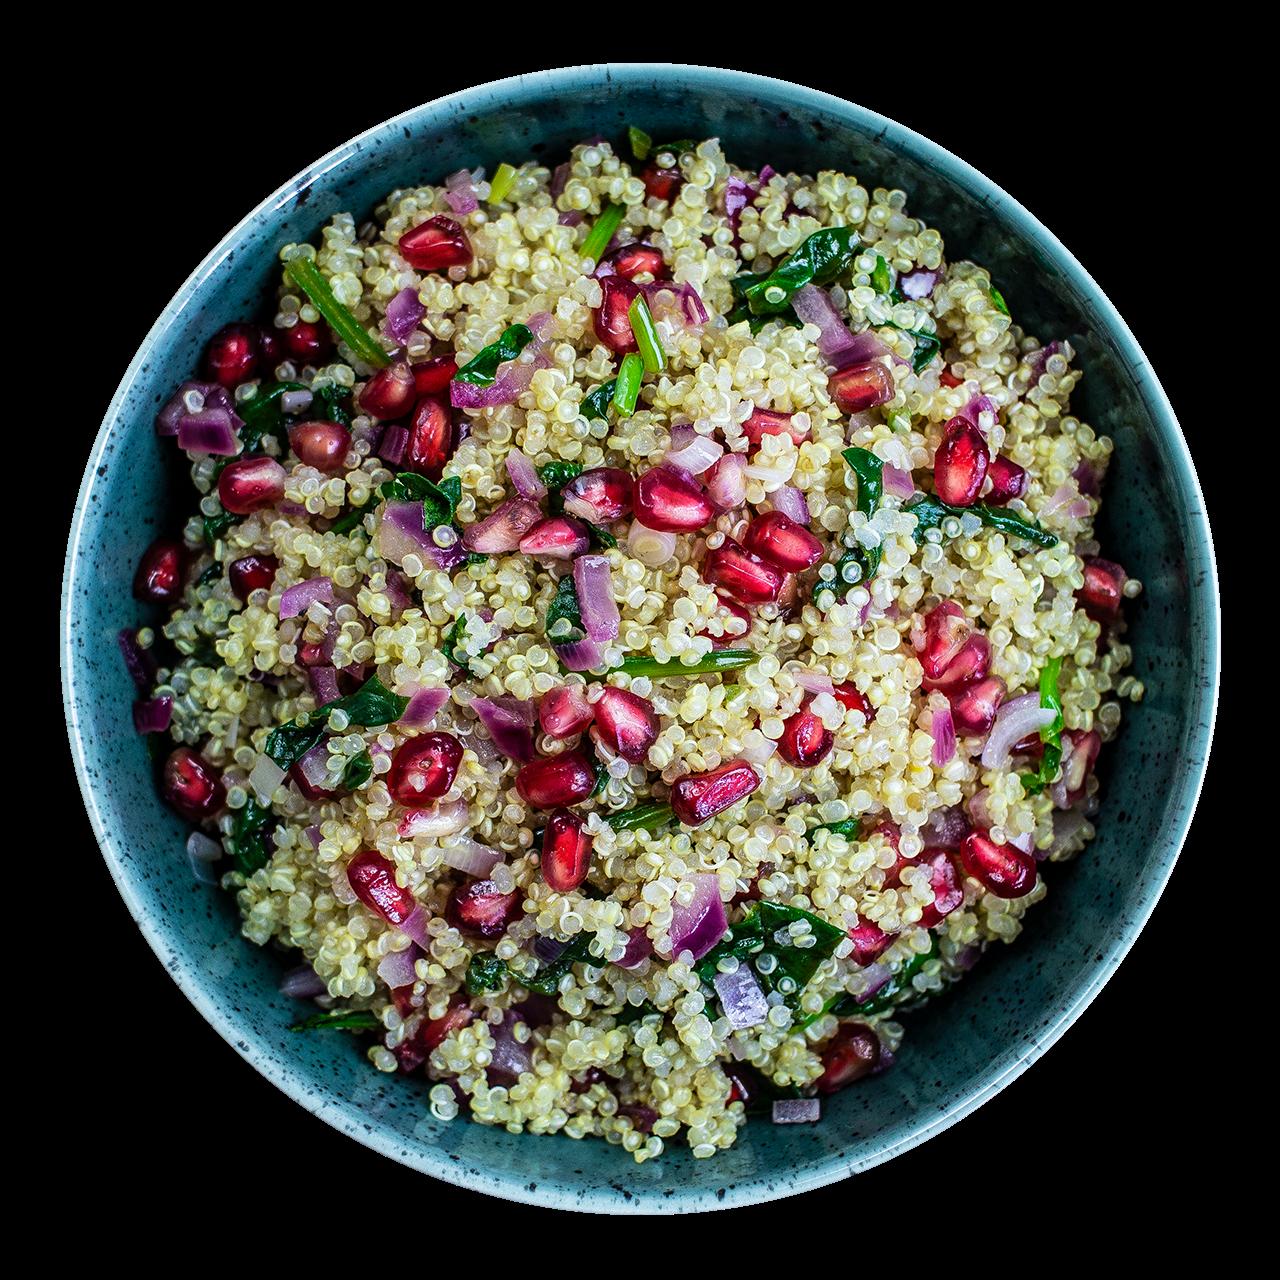 tostibanaan-quinoa-granaatappel-salade